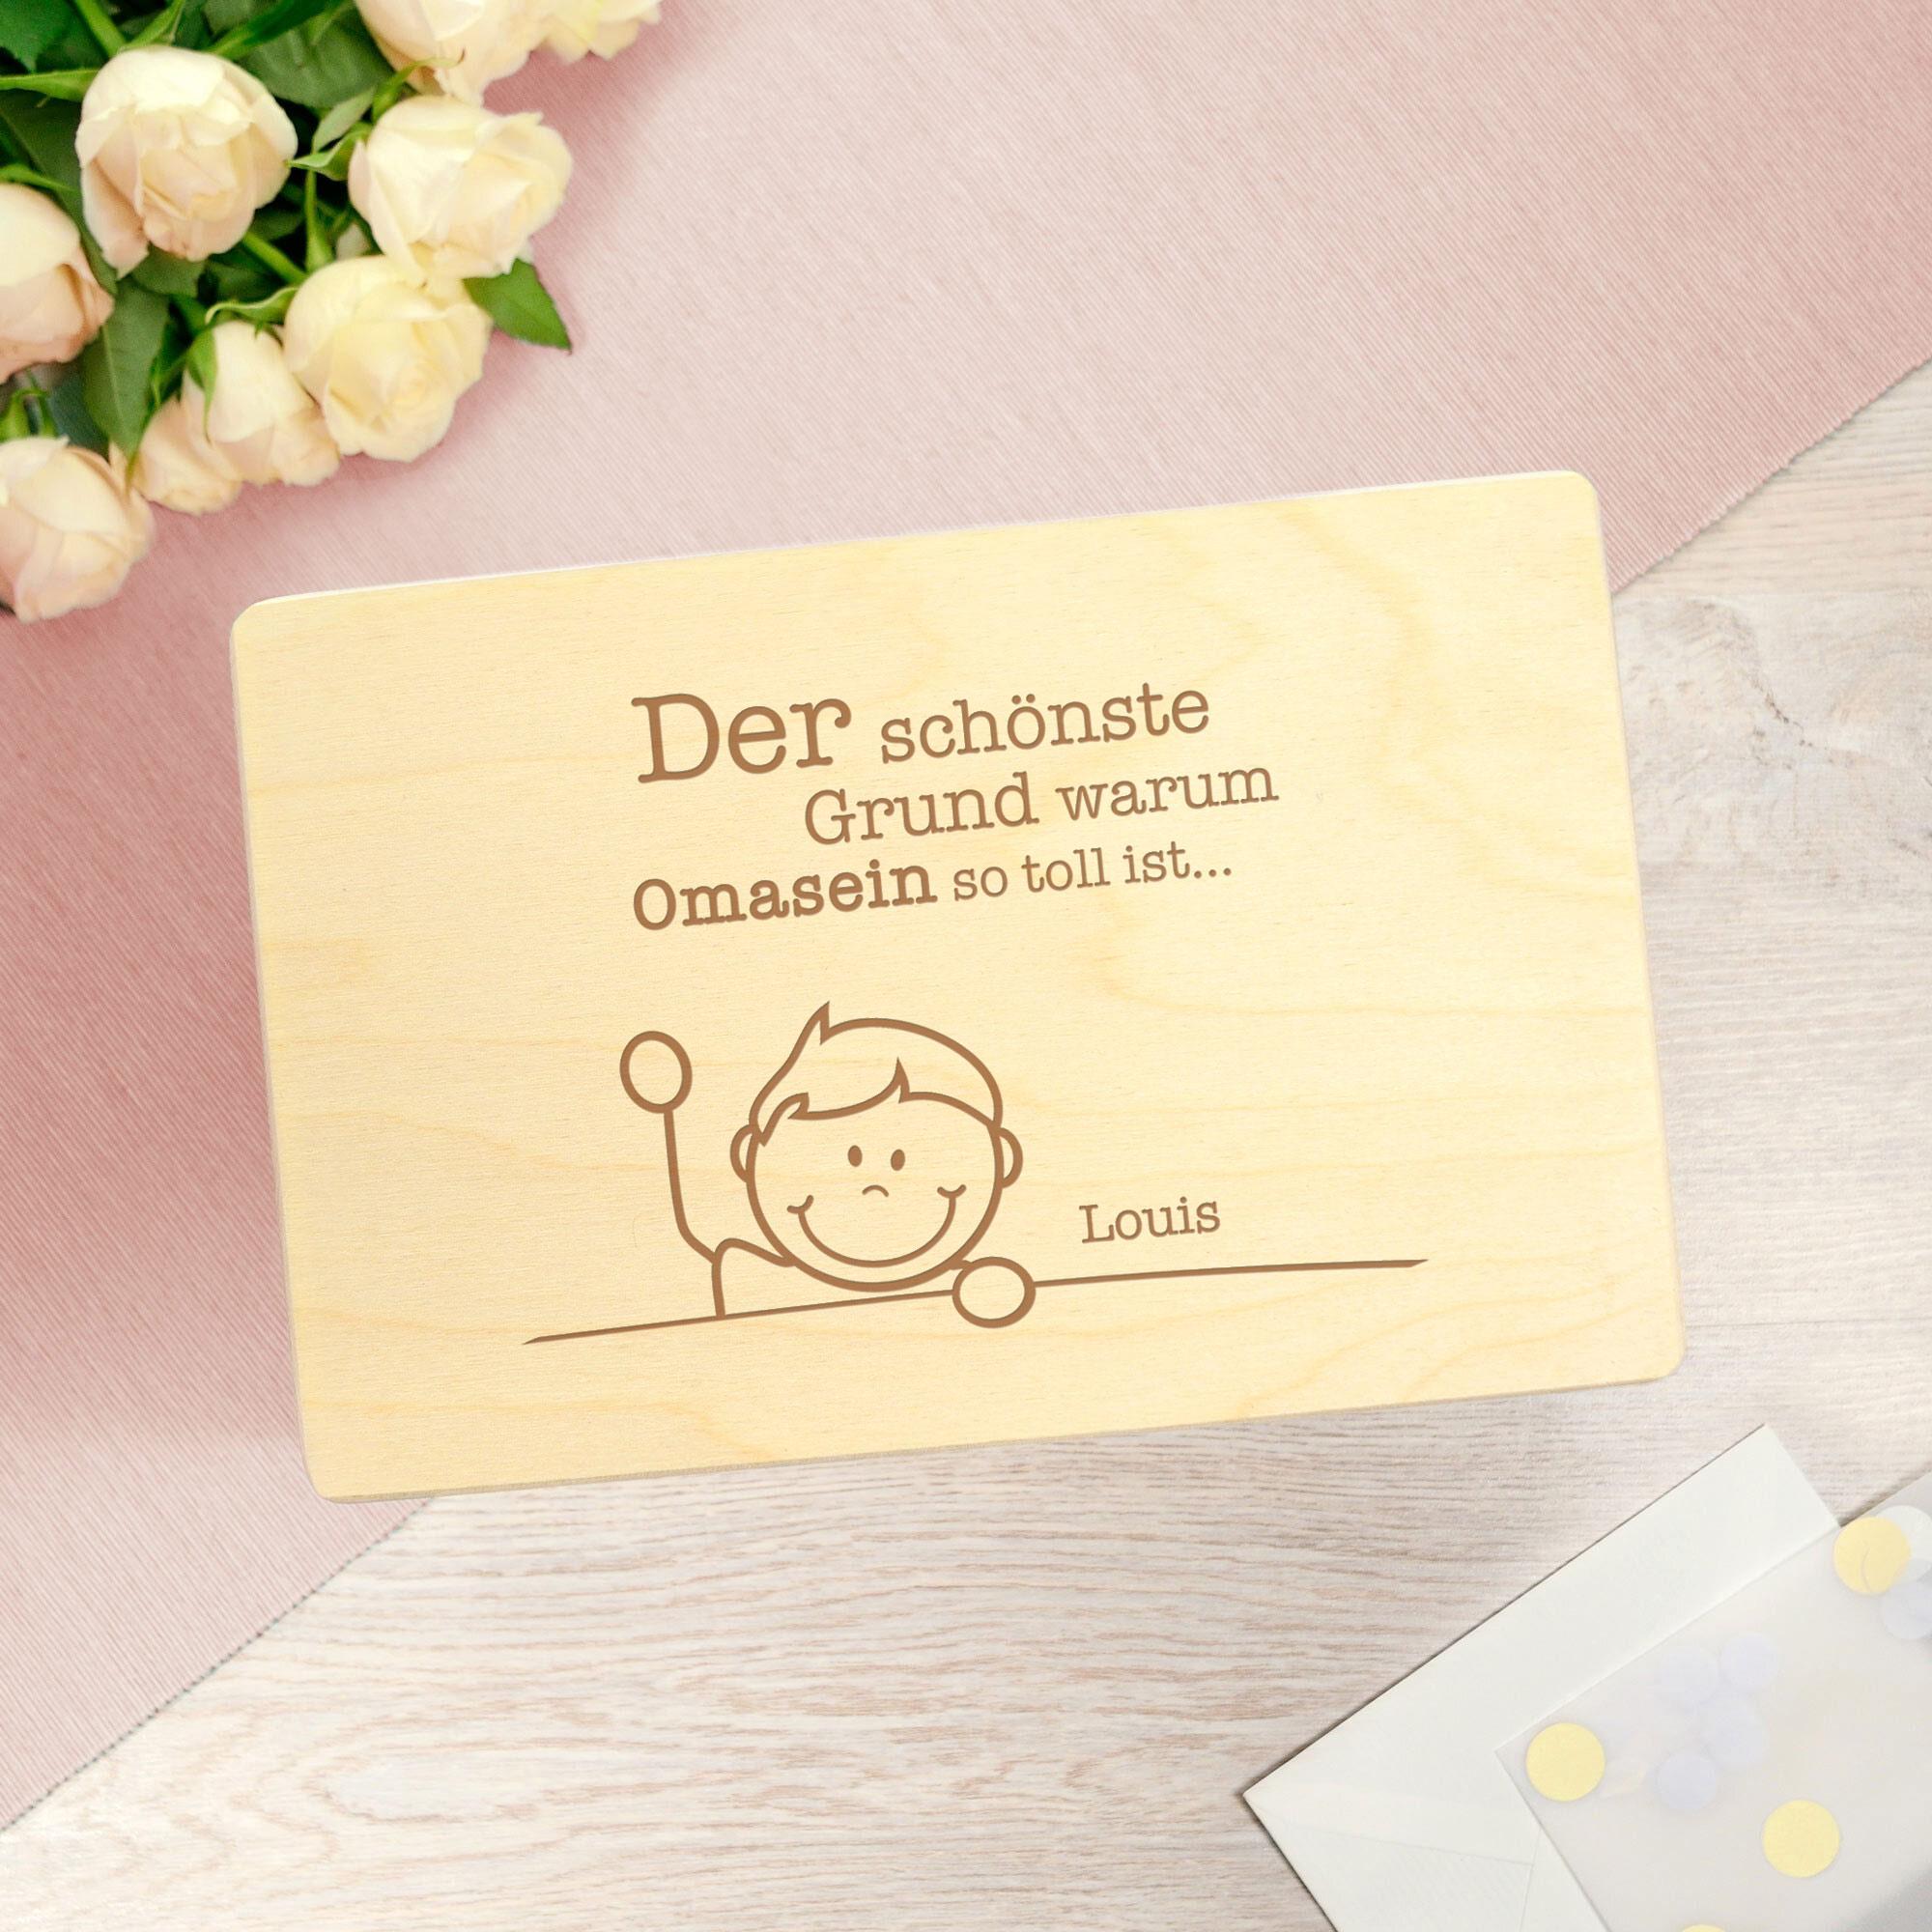 Personalisierte Erinnerungsbox mit Namensgravur - Omasein